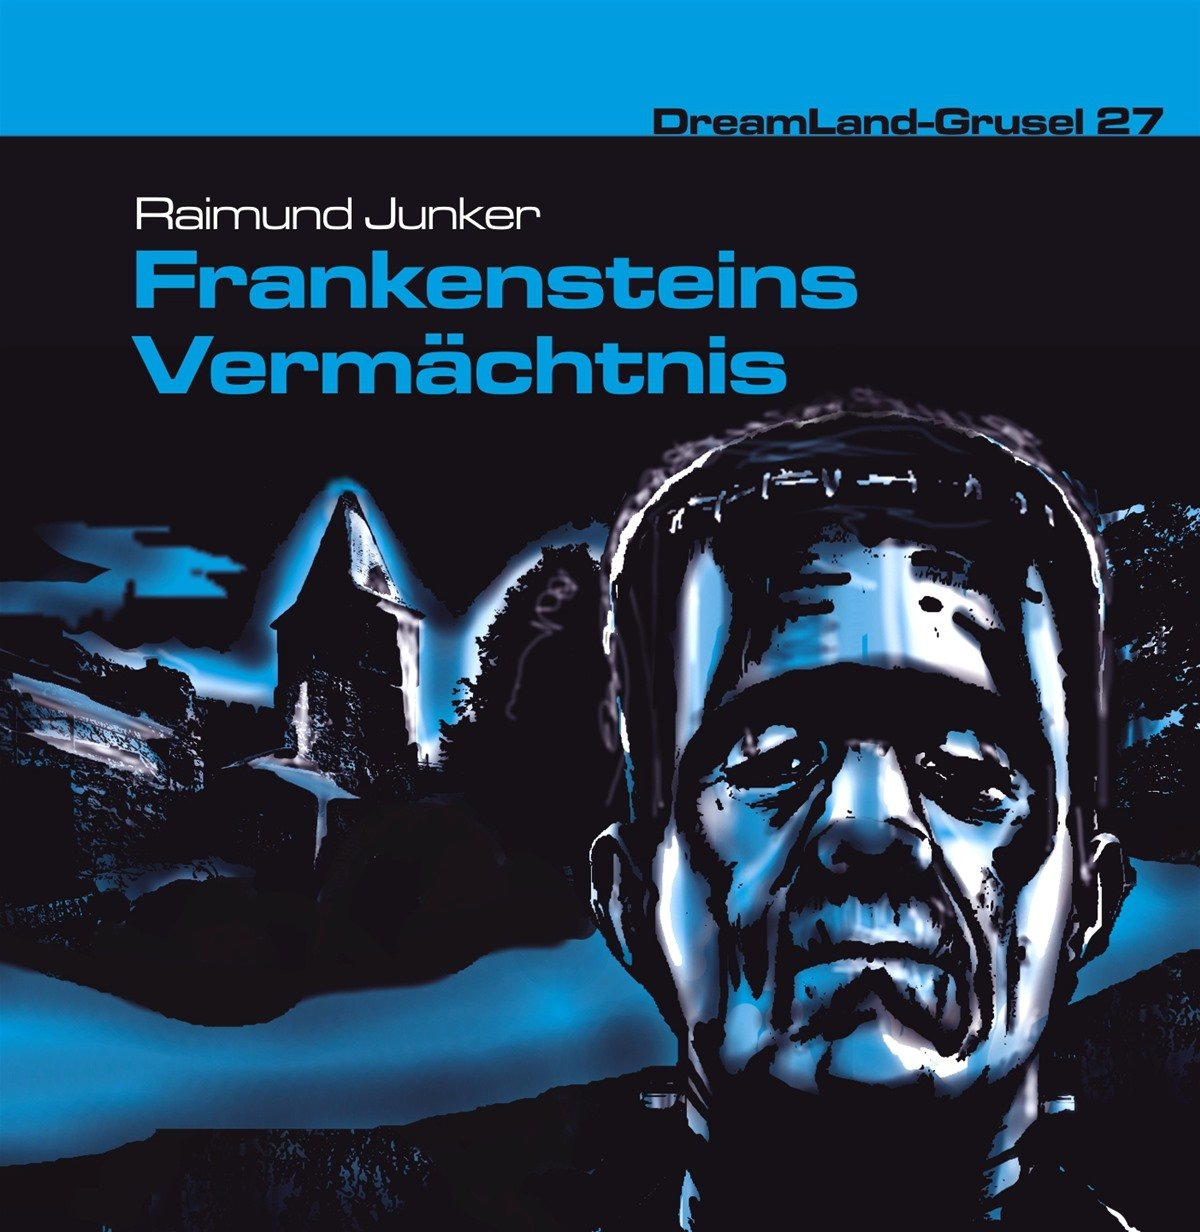 Dreamland Grusel (27) Frankensteins Vermächtnis - Dreamland Productions 2016